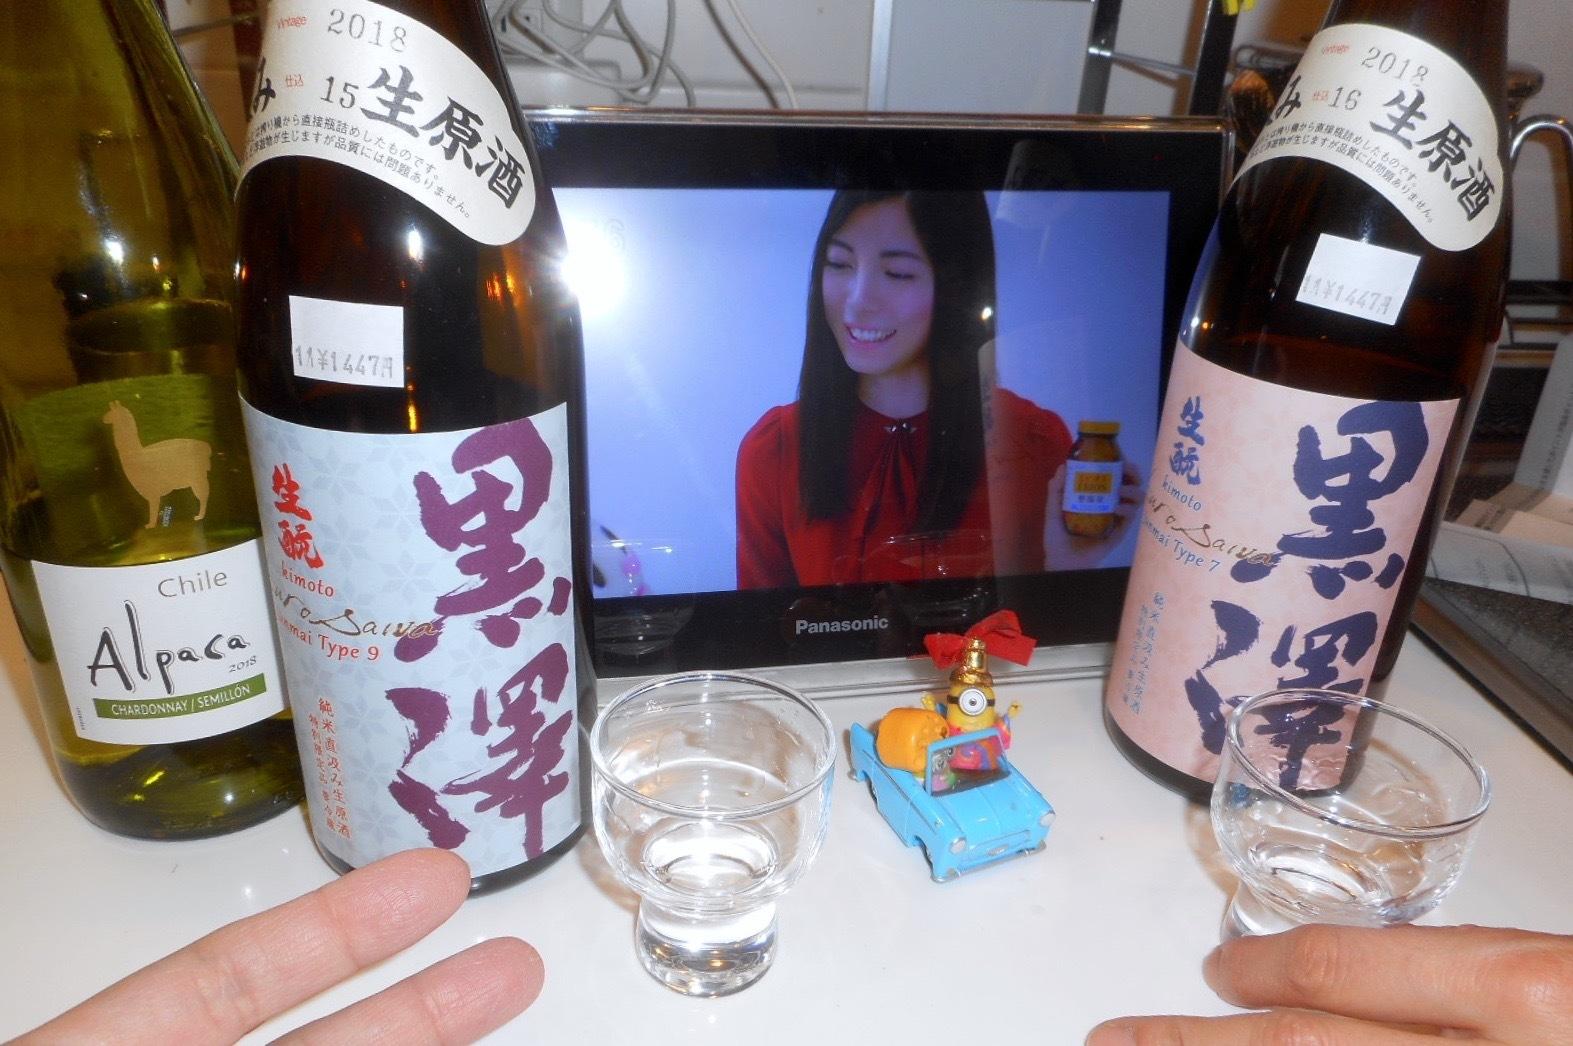 kurosawa_type9_30by1_7.jpg